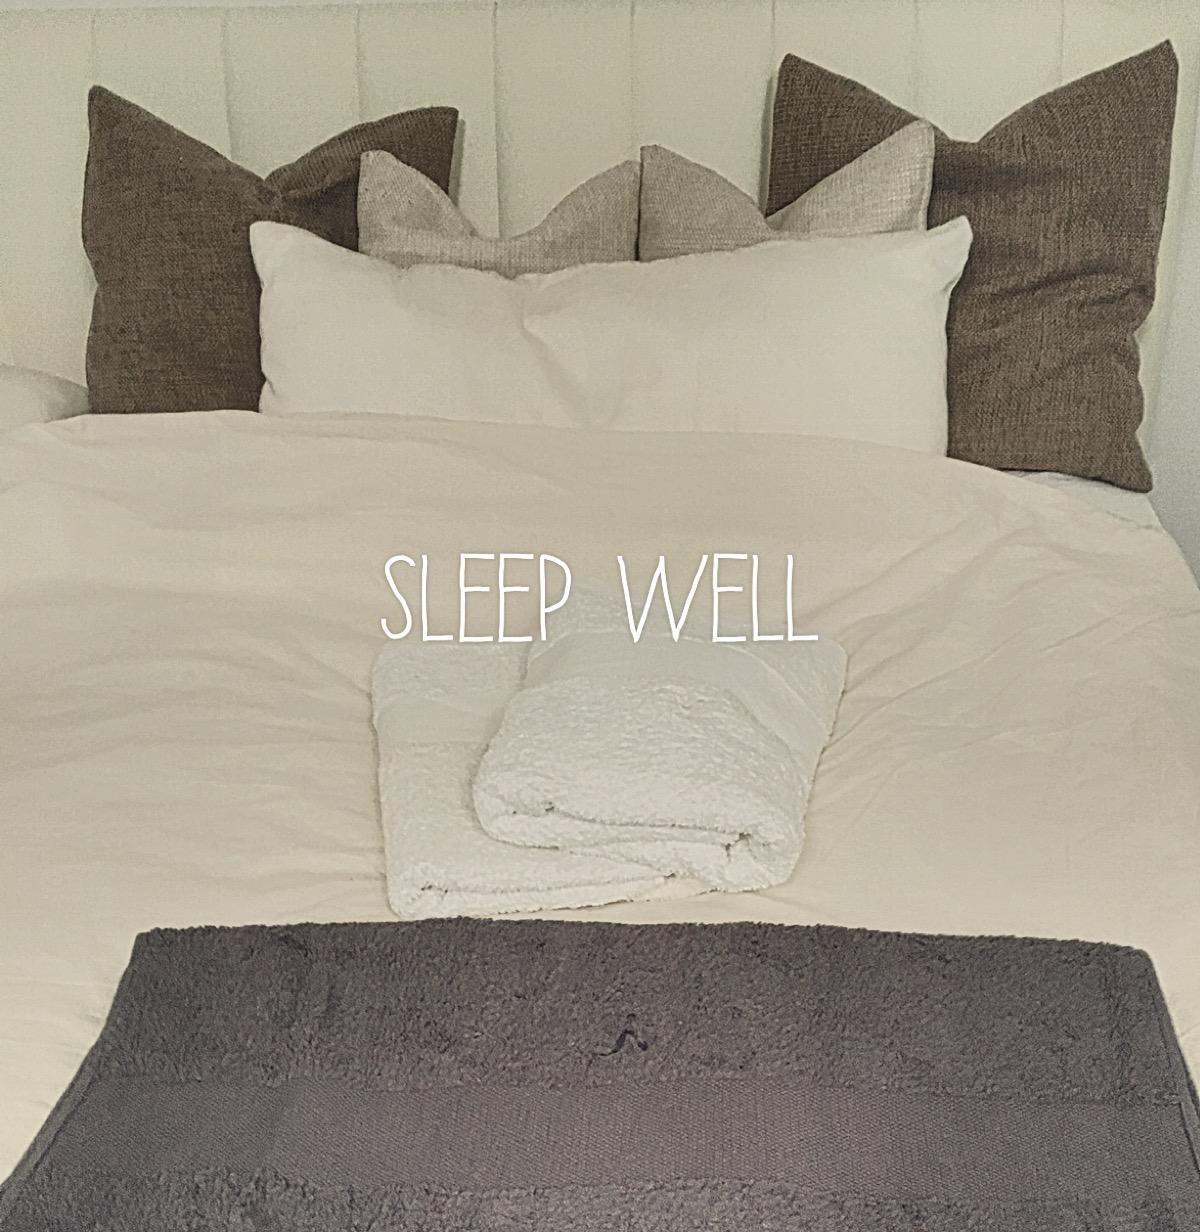 nachhaltige bettw sche und handt cher von hessnatur my precious life. Black Bedroom Furniture Sets. Home Design Ideas